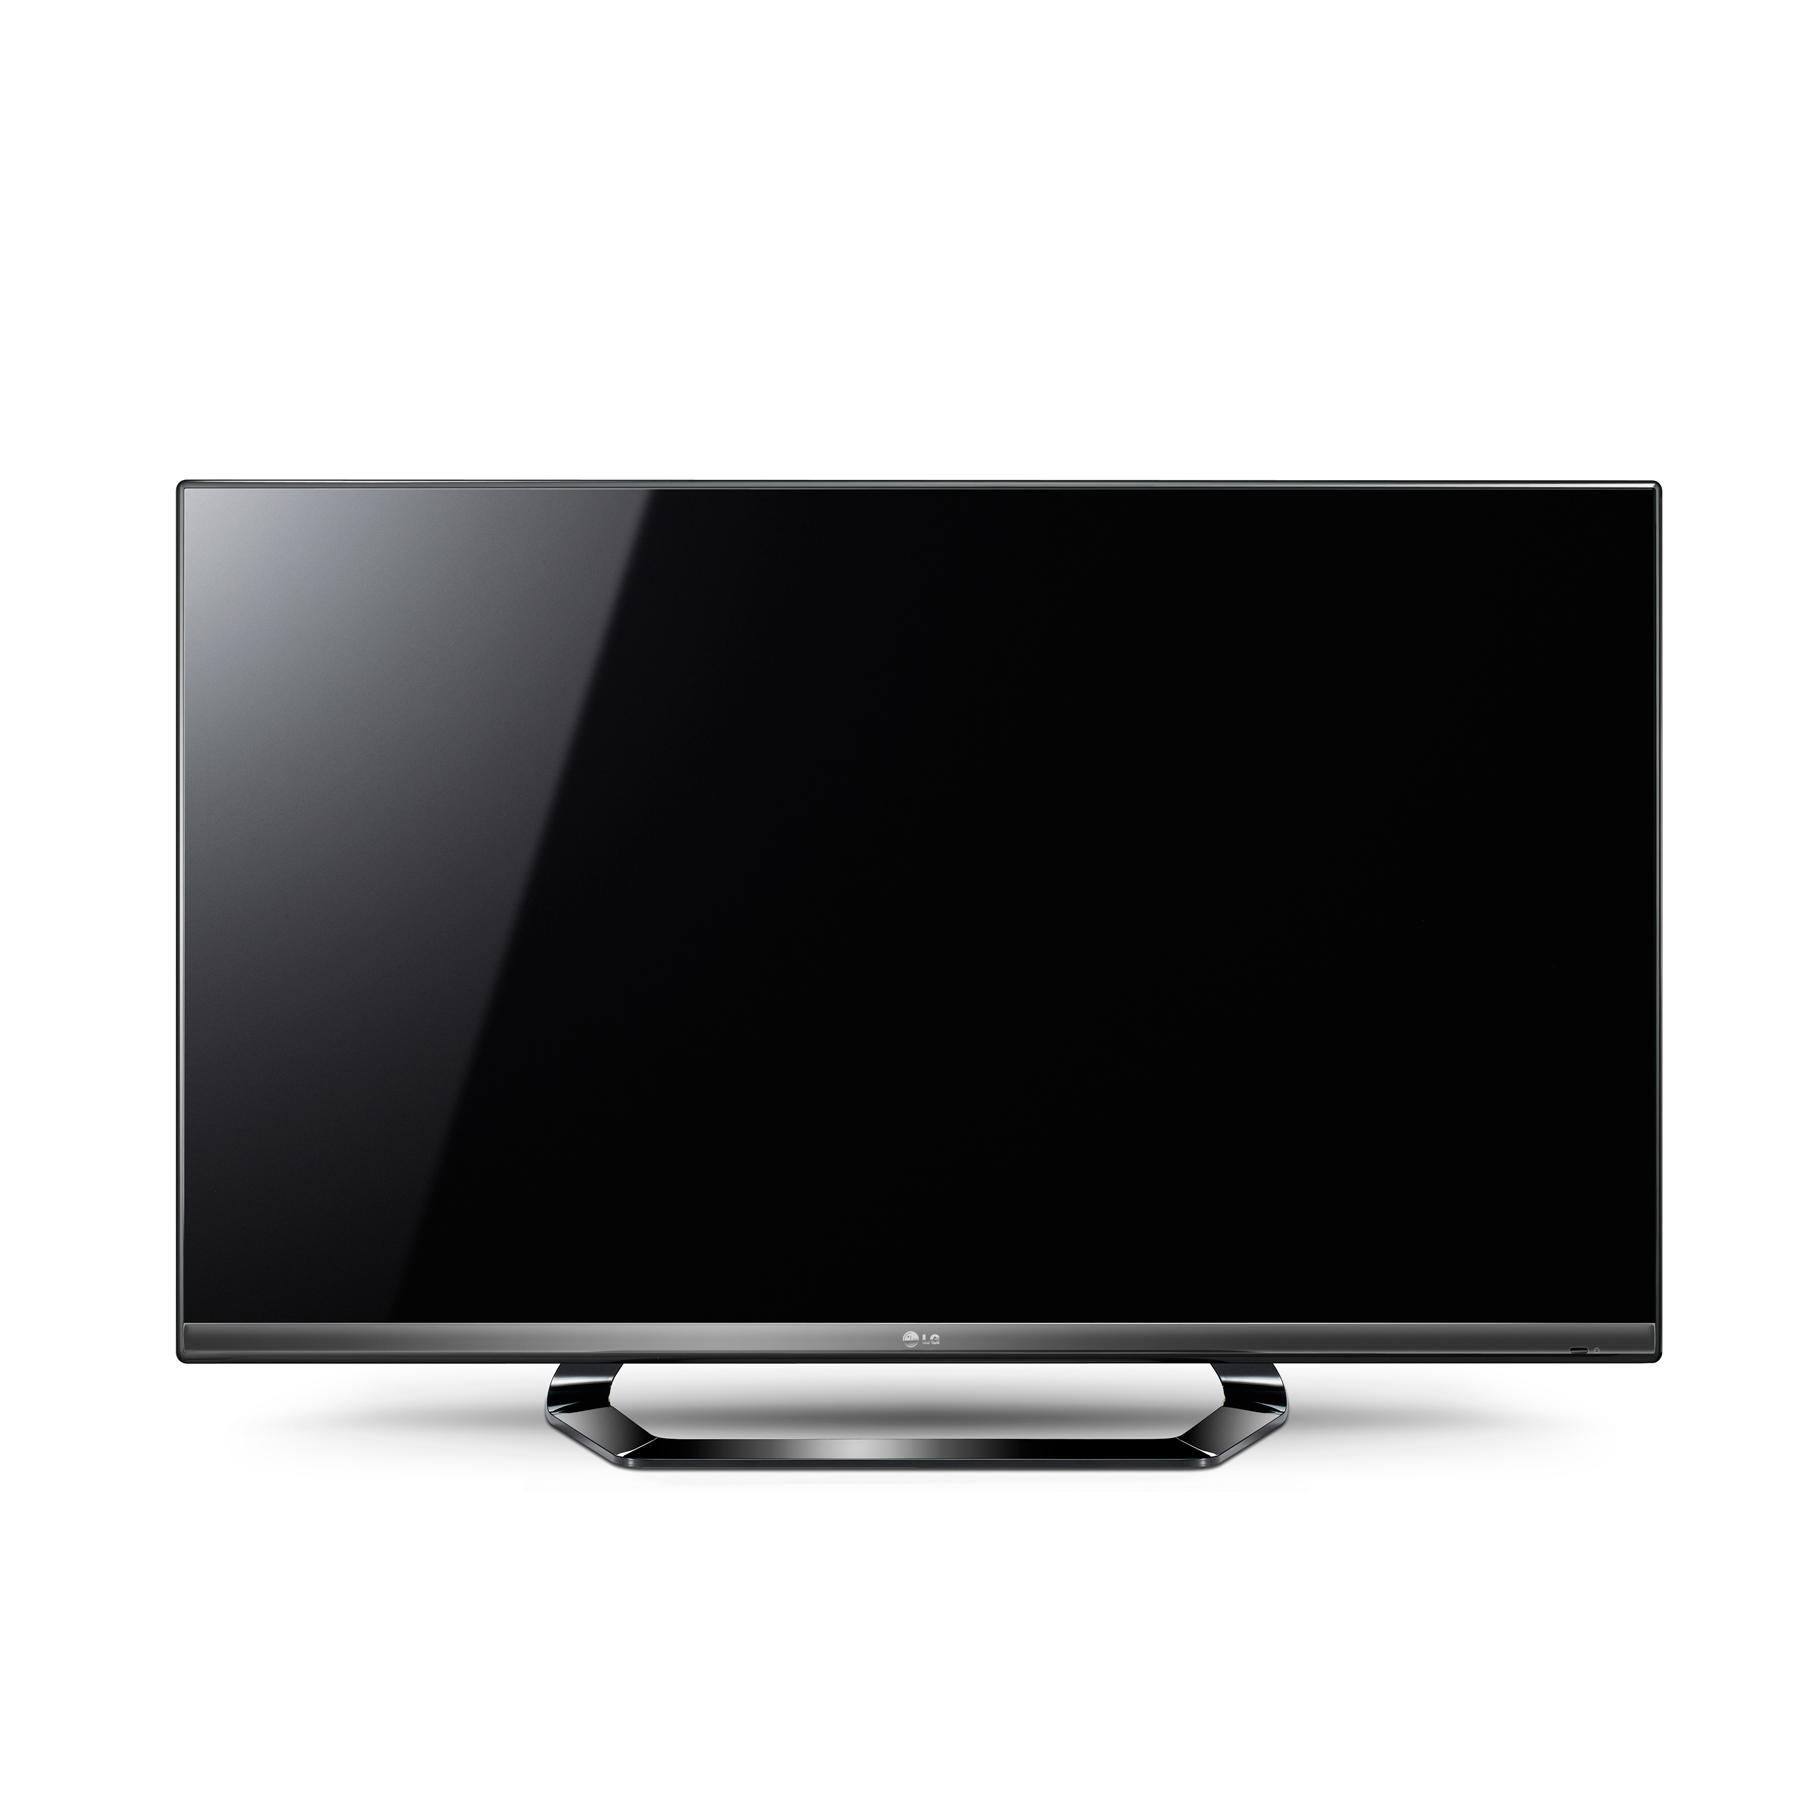 lg 47lm640s tv lg sur. Black Bedroom Furniture Sets. Home Design Ideas